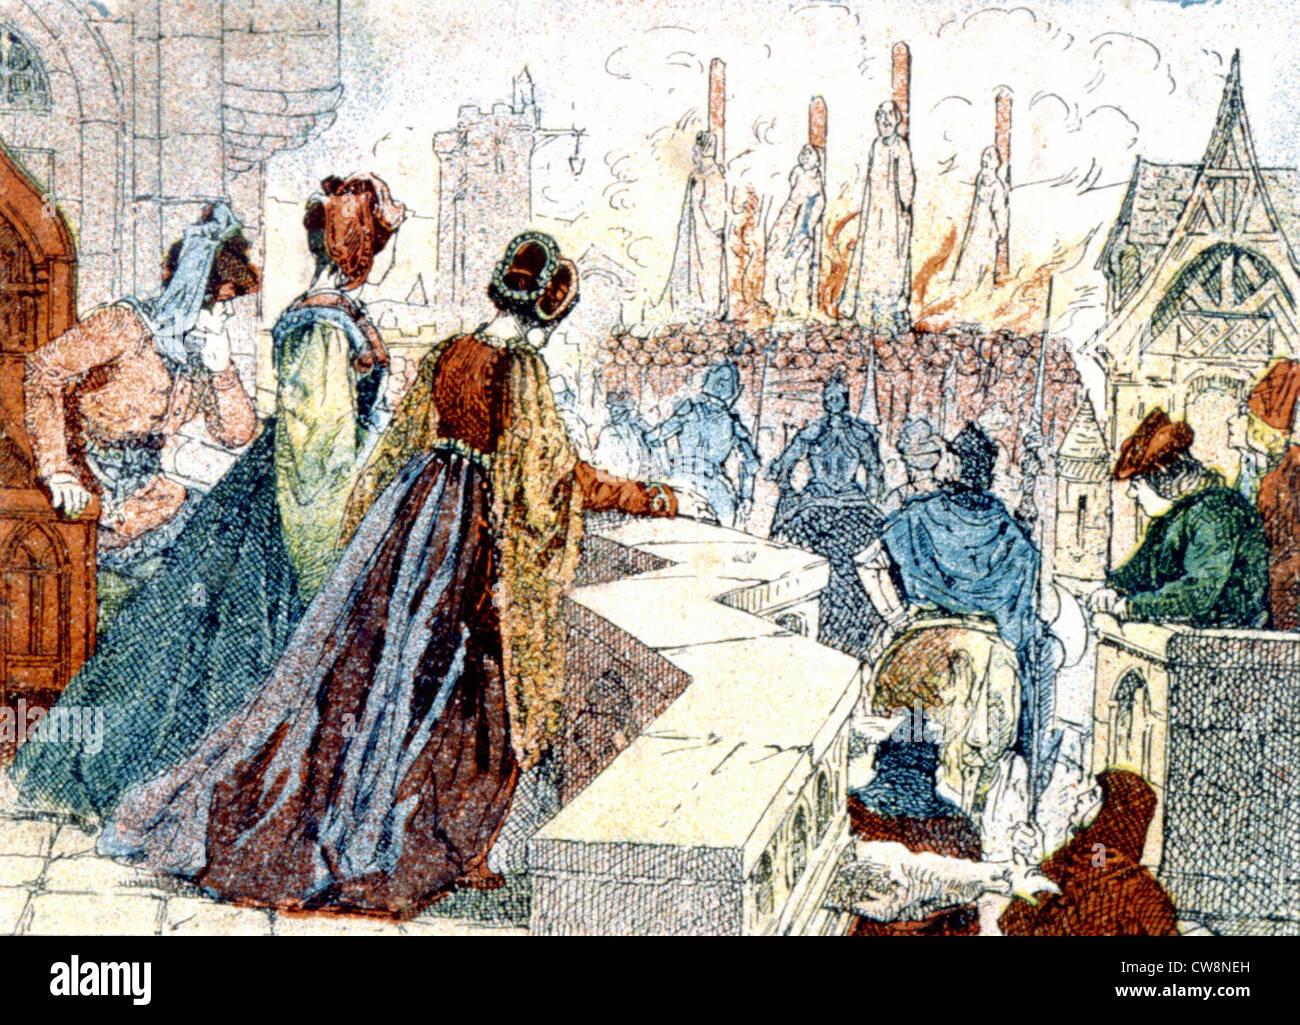 Esecuzione dei Templari, illustrazioni della fine del XIX secolo Immagini Stock